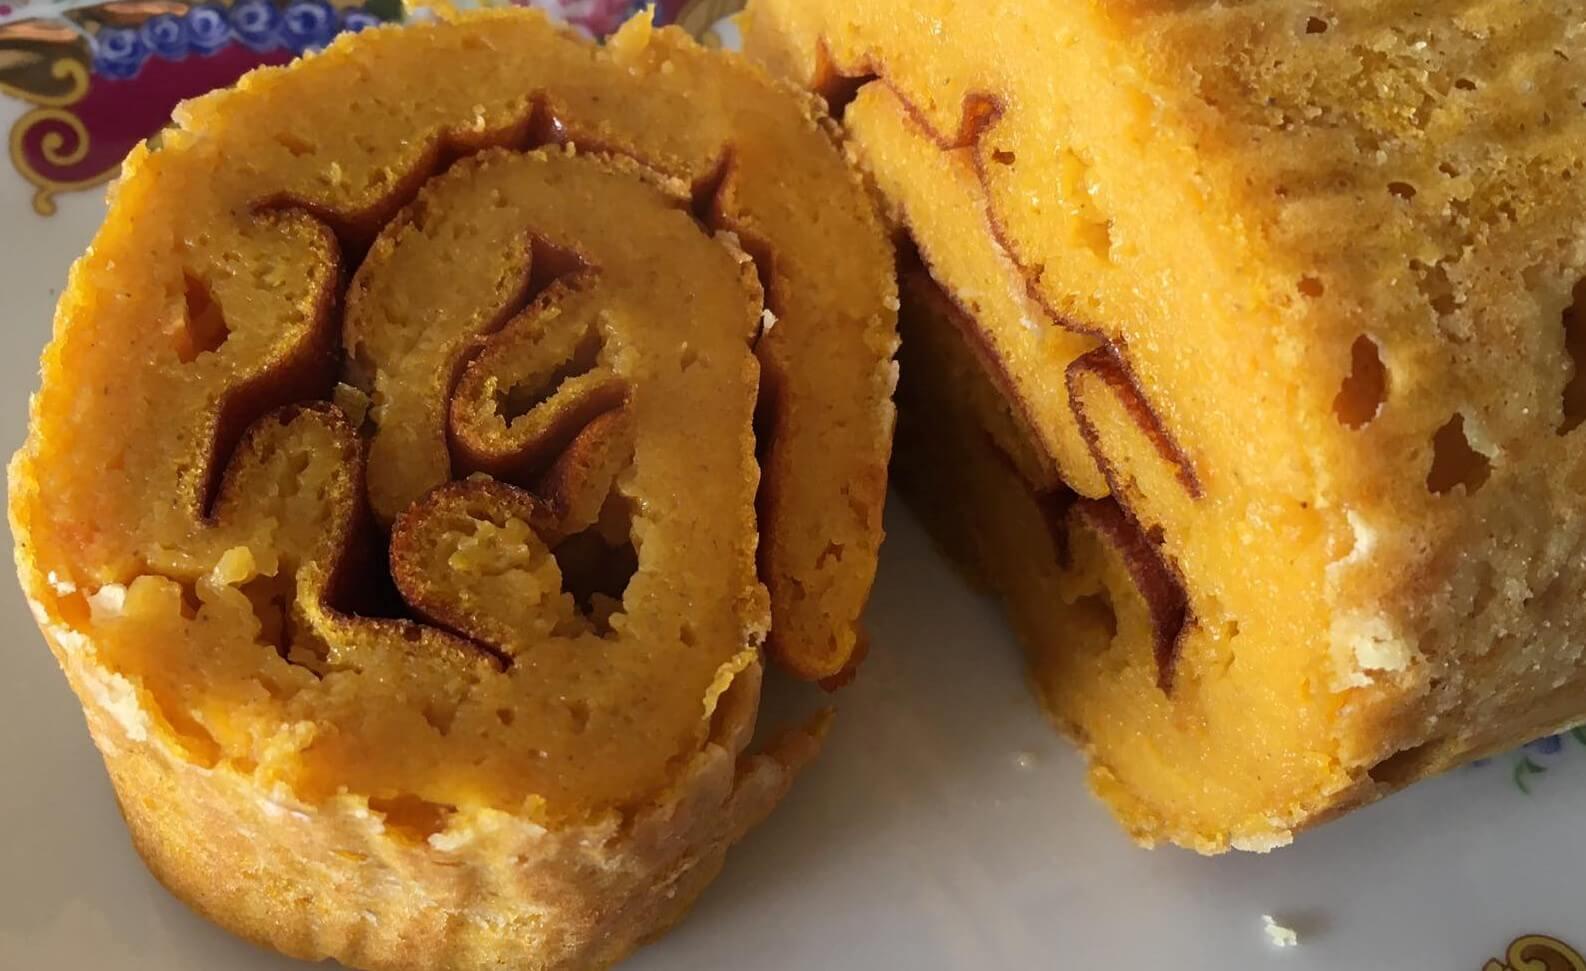 Uma fatia de torta de cenoura, uma receita de Hucilluc